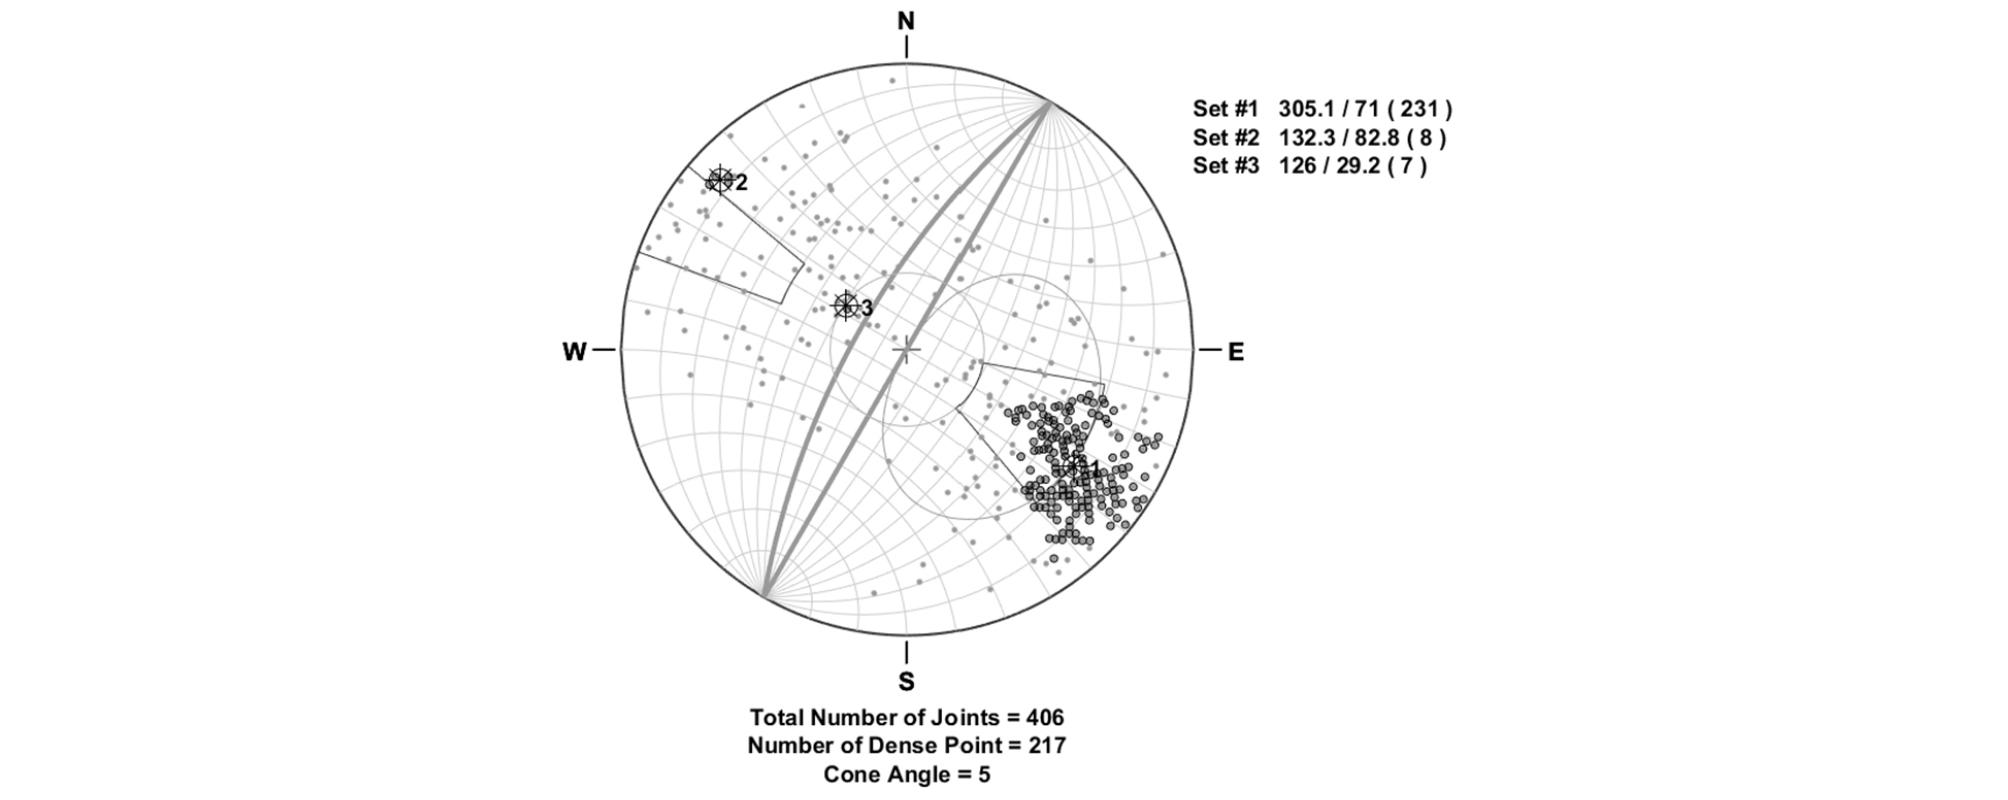 http://static.apub.kr/journalsite/sites/ksrm/2018-028-04/N0120280404/images/ksrm_28_04_04_F5.jpg